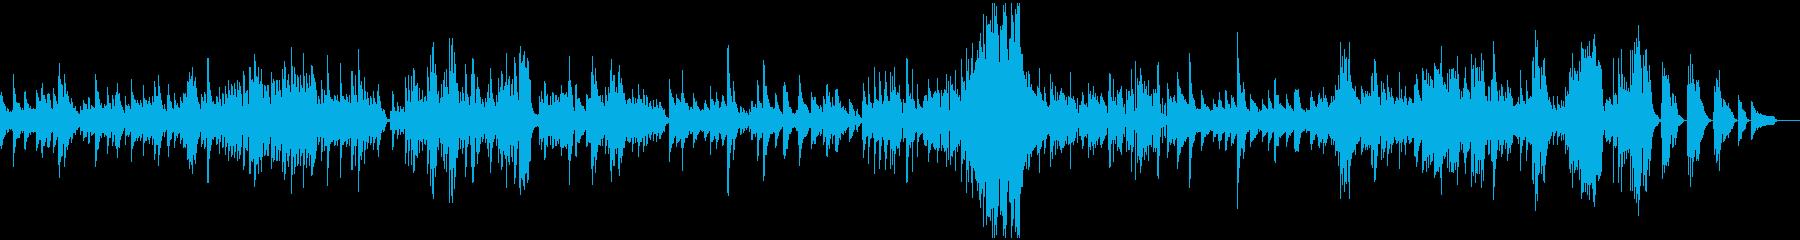 ベートーベンピアノソナタ「悲愴」第2楽章の再生済みの波形